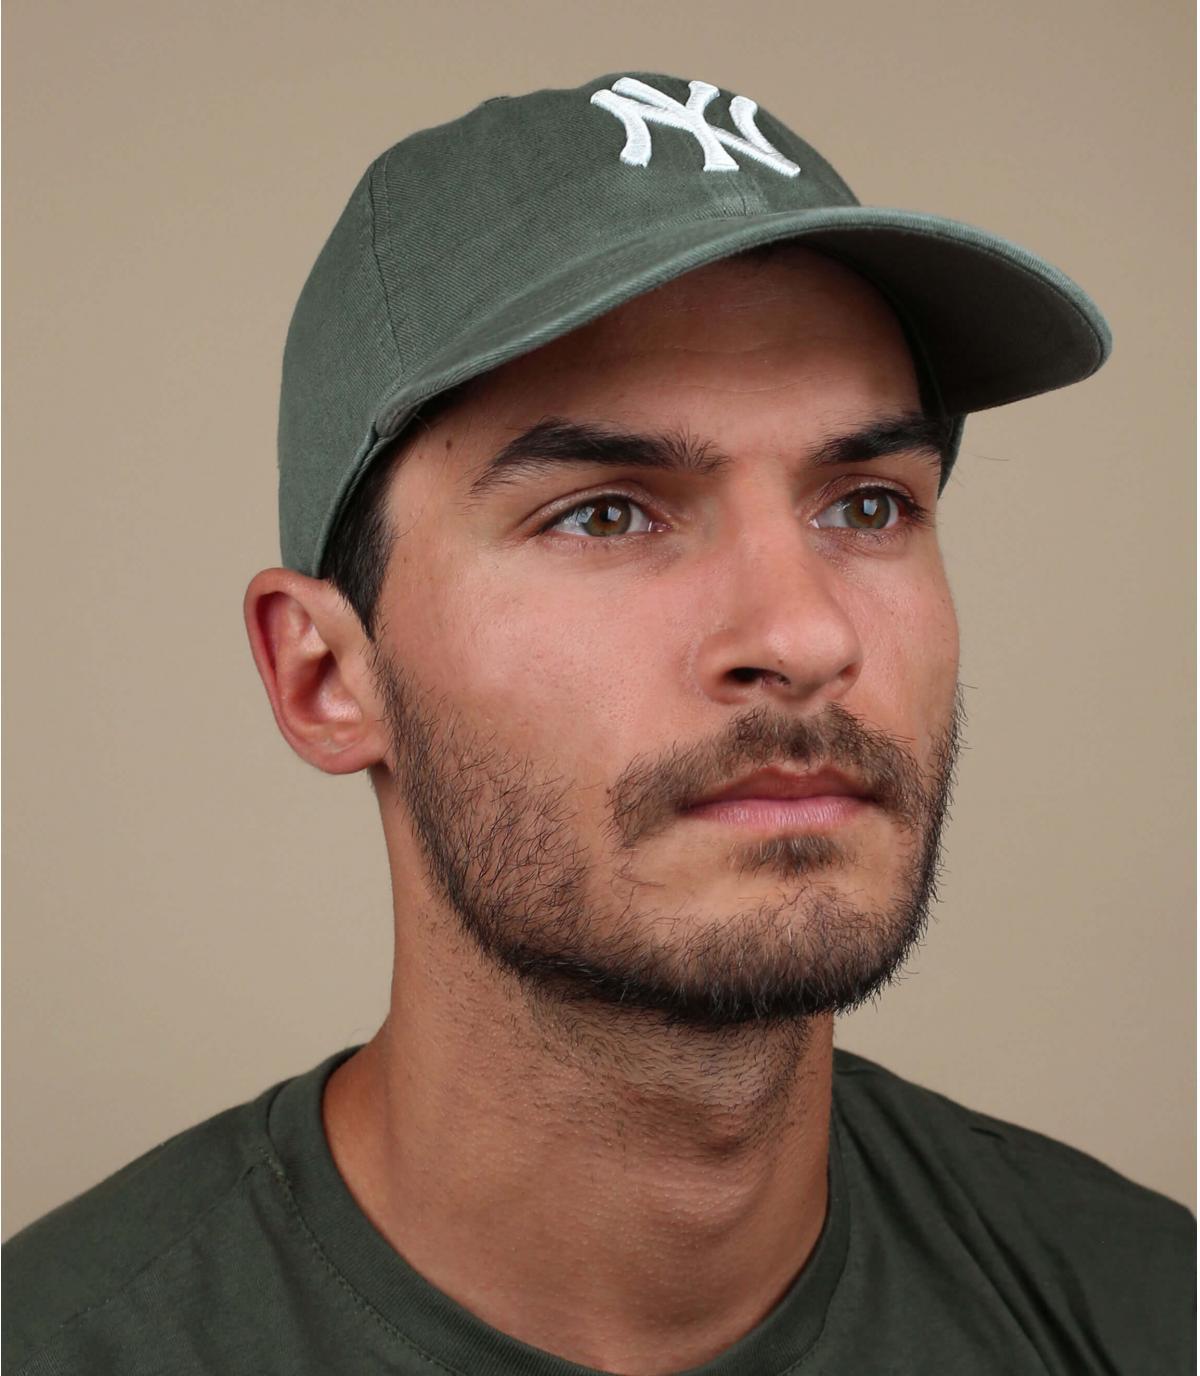 khaki green NY cap